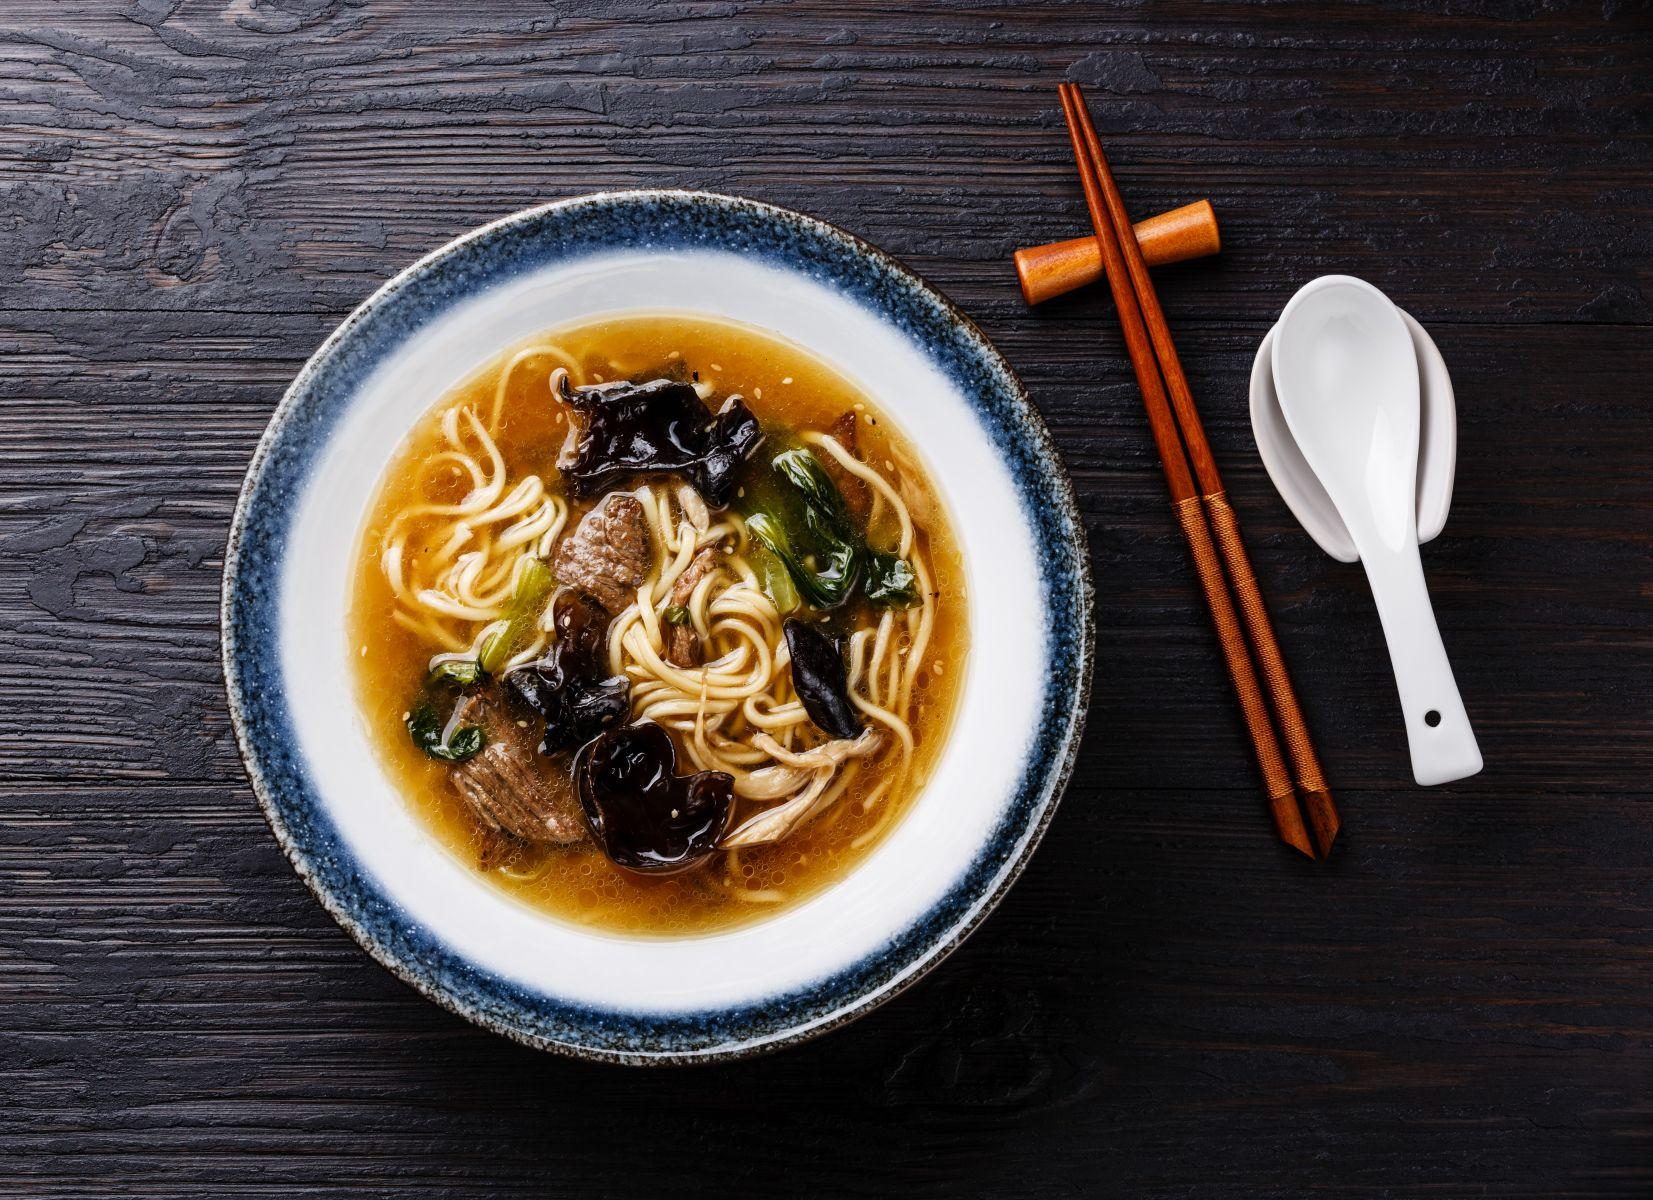 米其林必比登公布推薦美食 十間夜市小吃也入榜